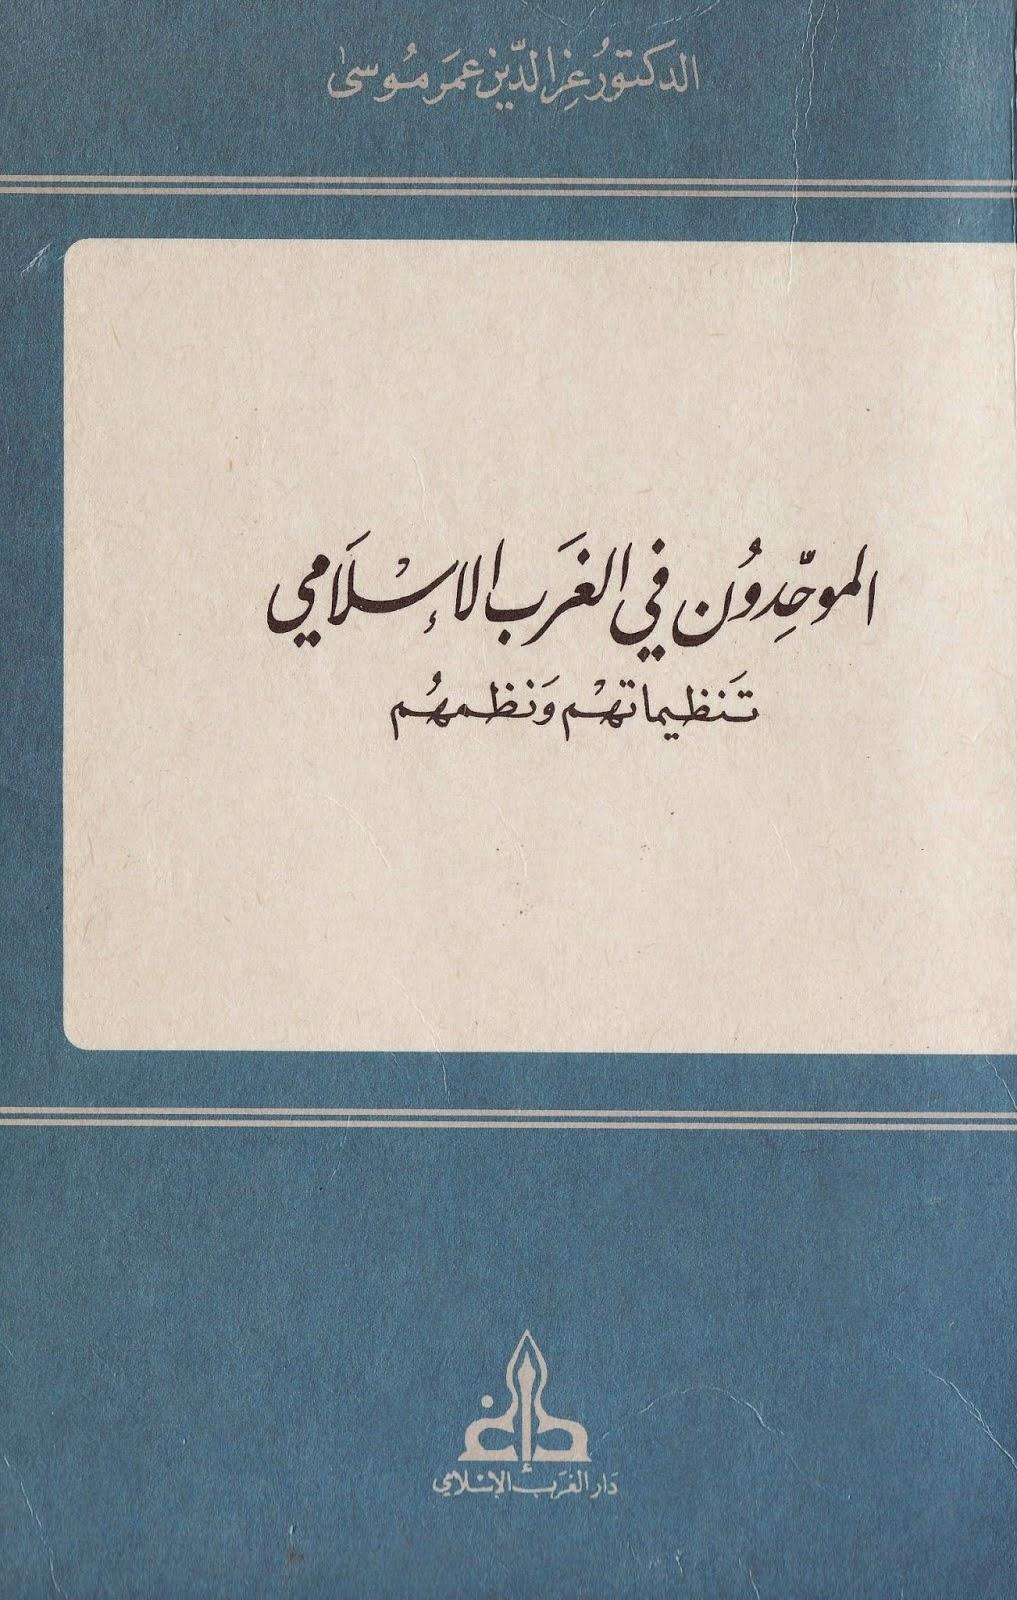 الموحدون في الغرب الإسلامي تنظيماتهم ونظمهم لـ الدكتور عز الدين عمر موسى